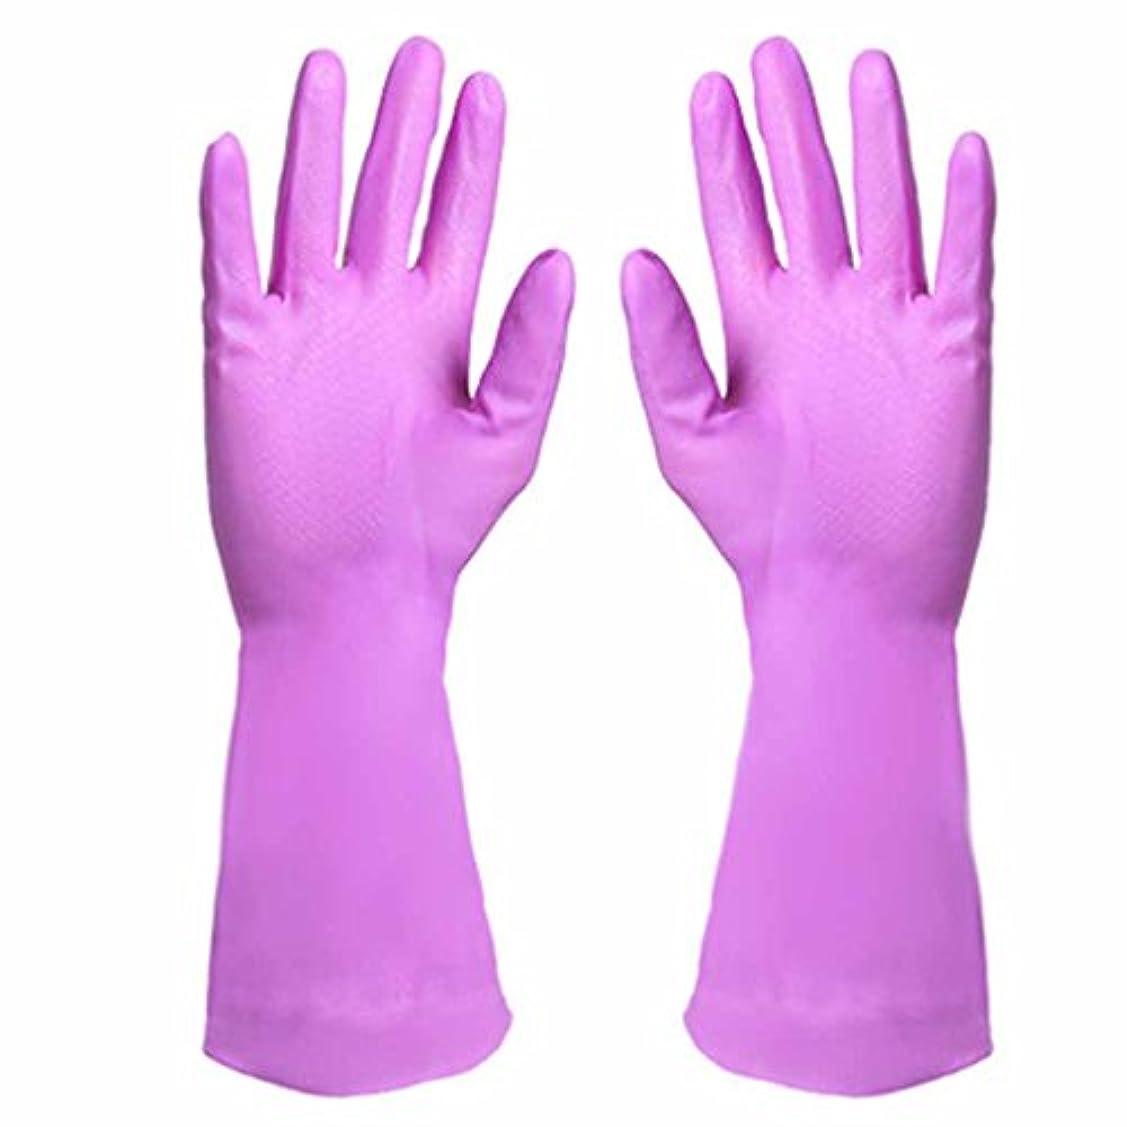 複製稼ぐ口ひげ使い捨て手袋 PVCソフト防油防水手袋キッチン耐久性汚れ手袋 (Color : Purple)